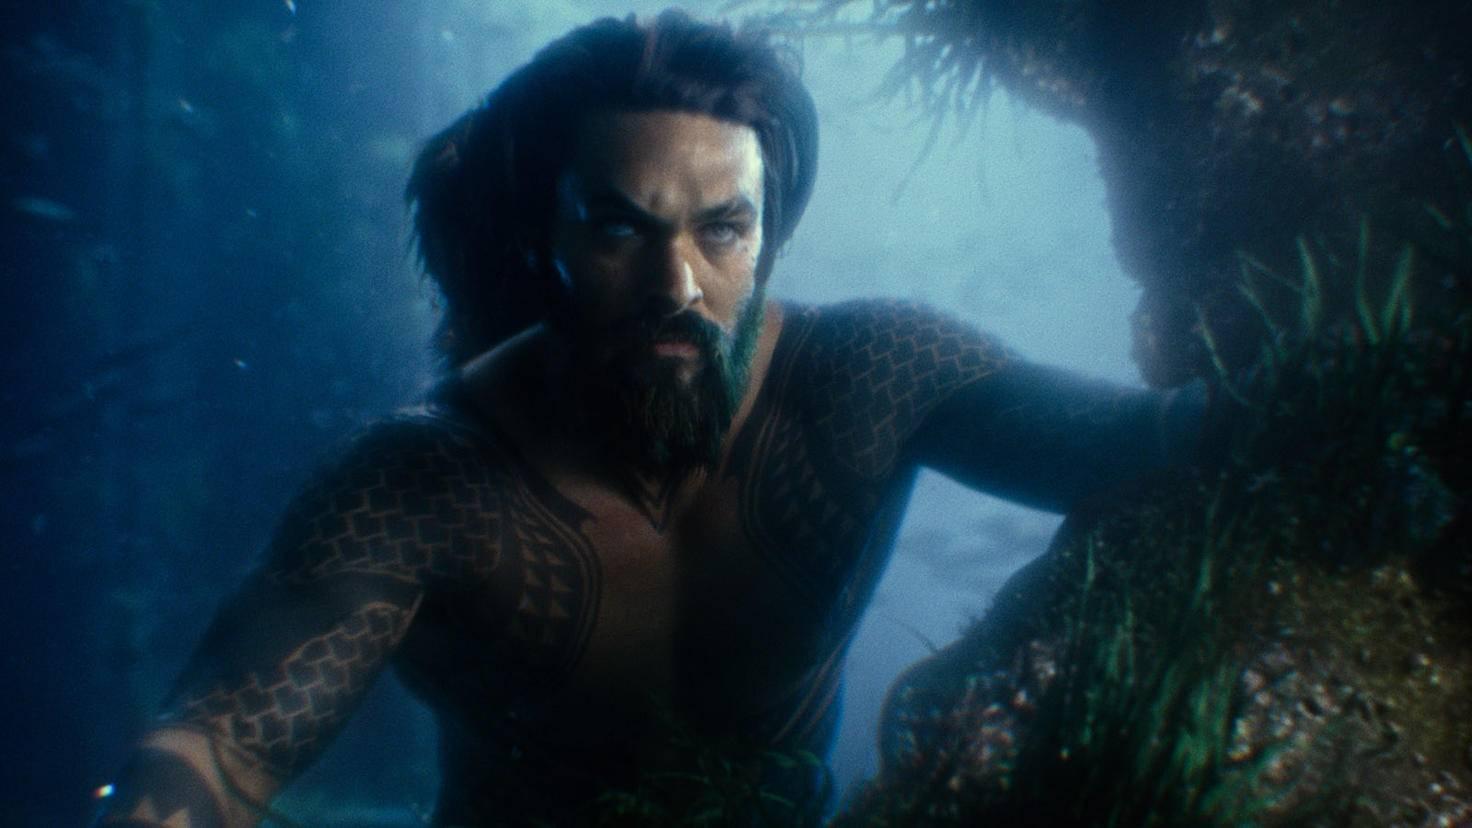 Erkunden, kämpfen, Fische kommandieren: Das perfekte Aquaman-Game würde uns tief in die Welt des unterschätzten Helden eintauchen lassen.